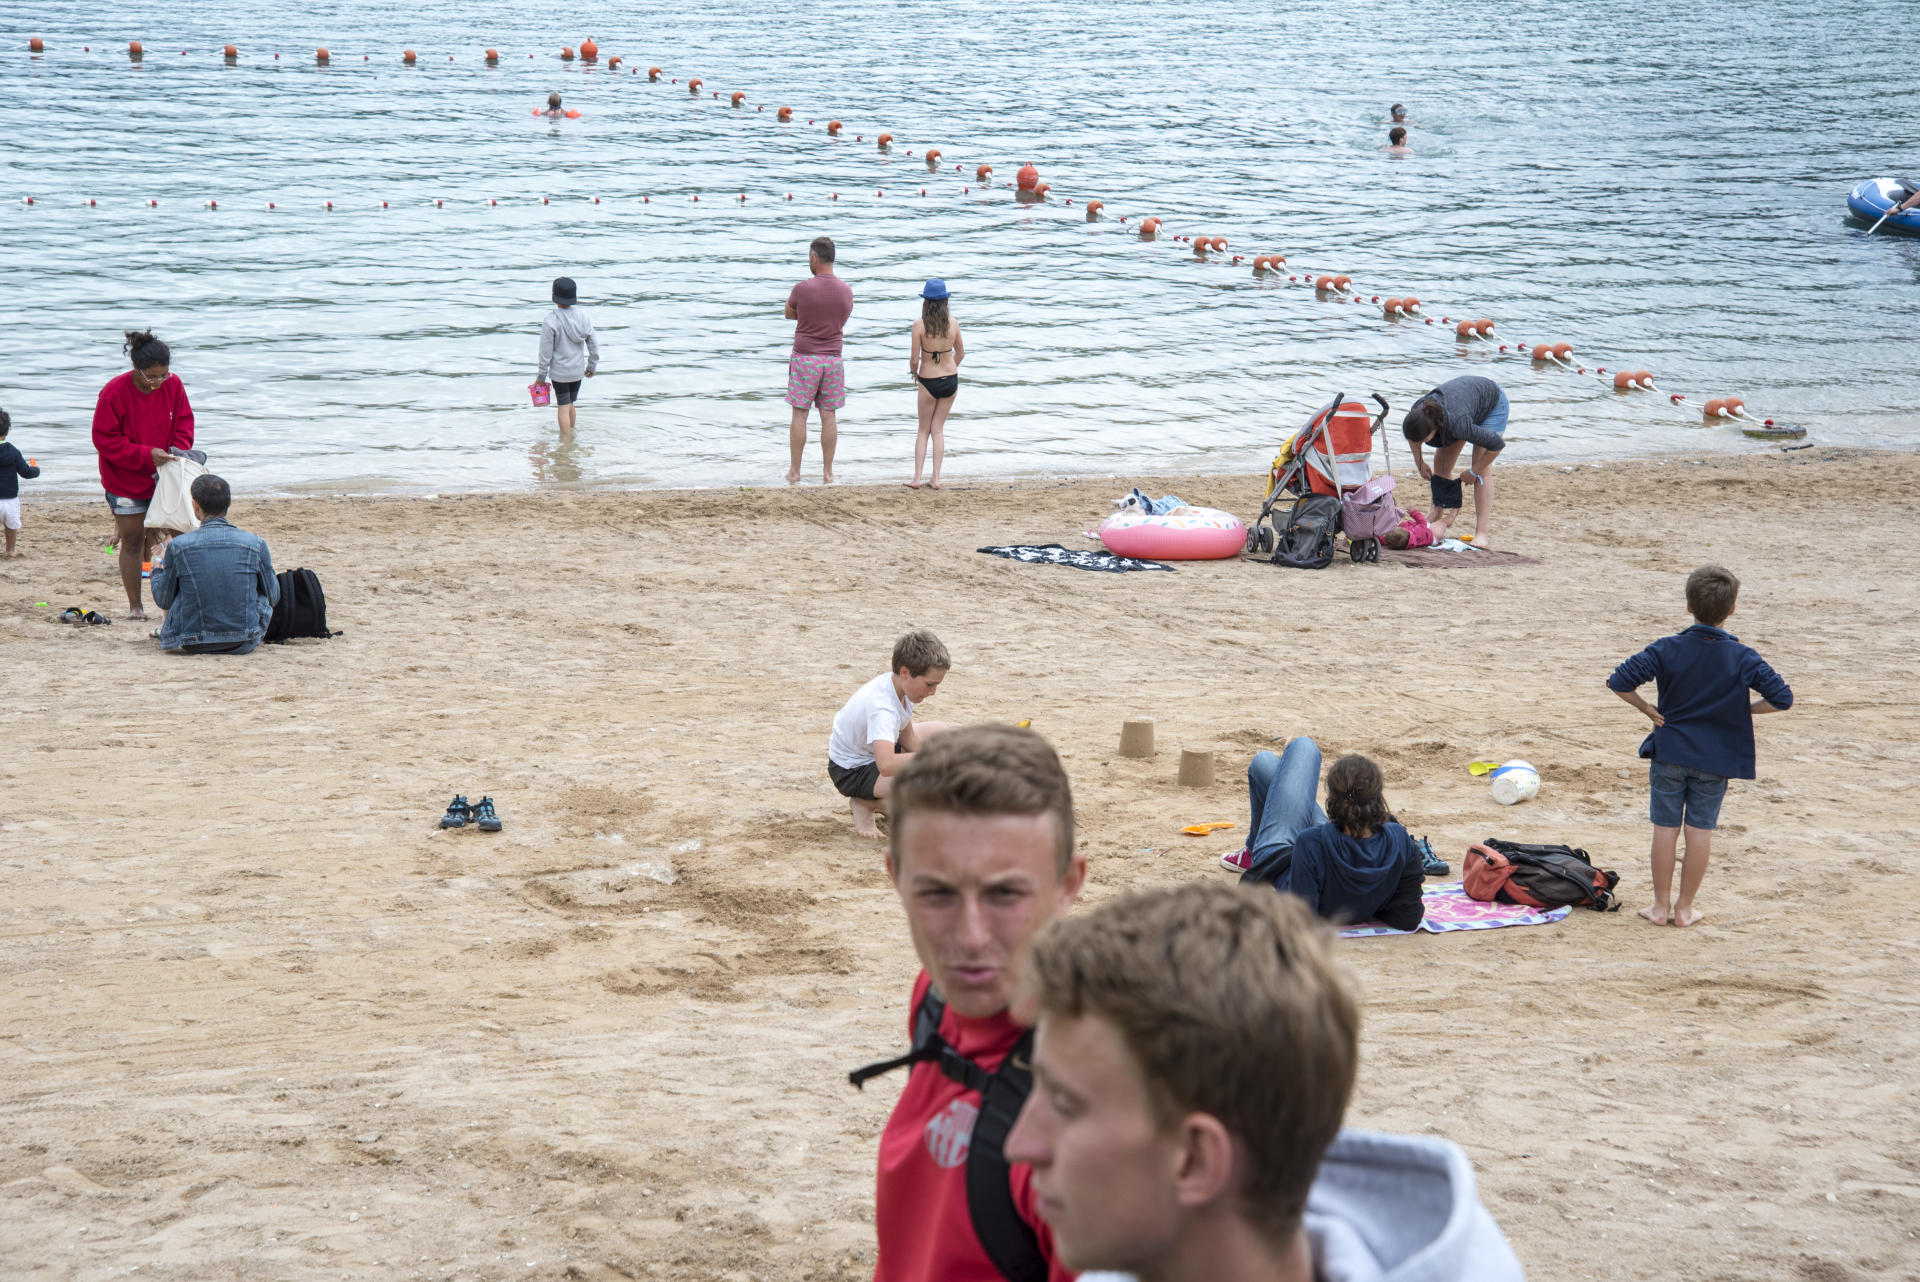 Sur la plage du lac de Chalain, dans le Jura, le 16 juillet.